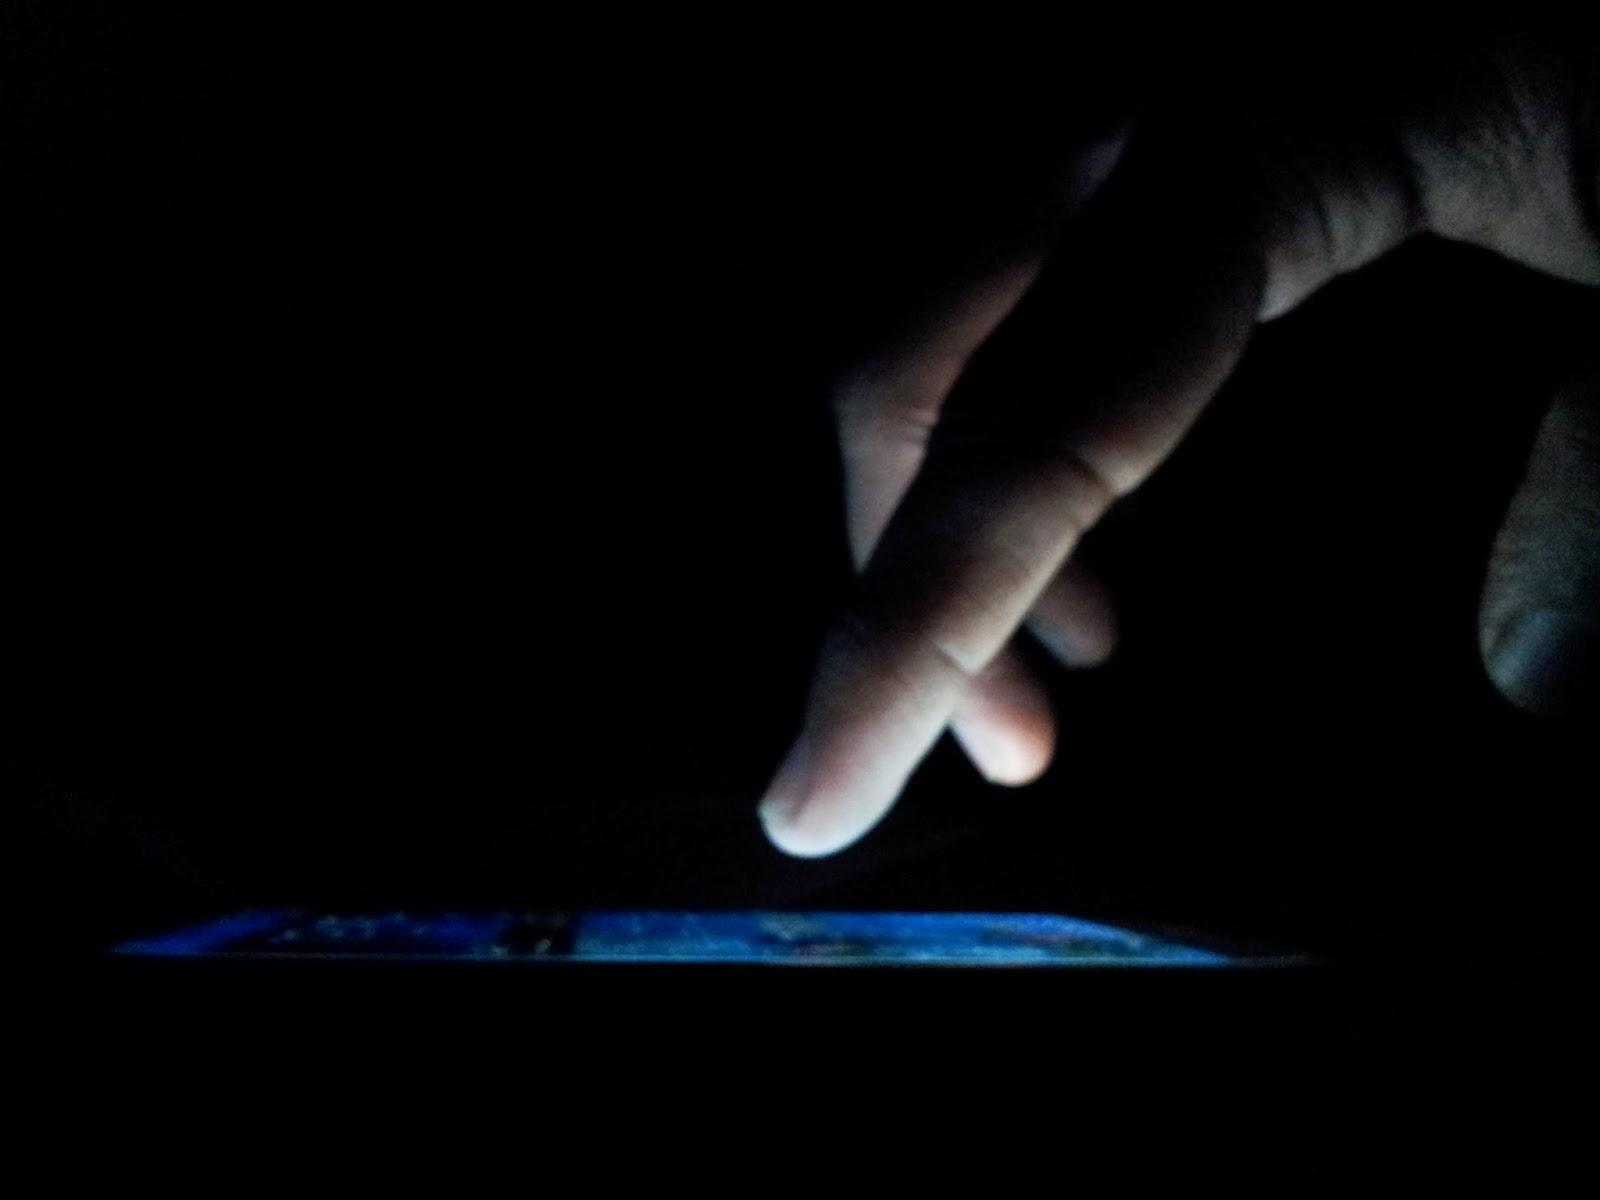 Xã hội điện thoại thông minh hay sự tiến hóa của chủ nghĩa tư bản?